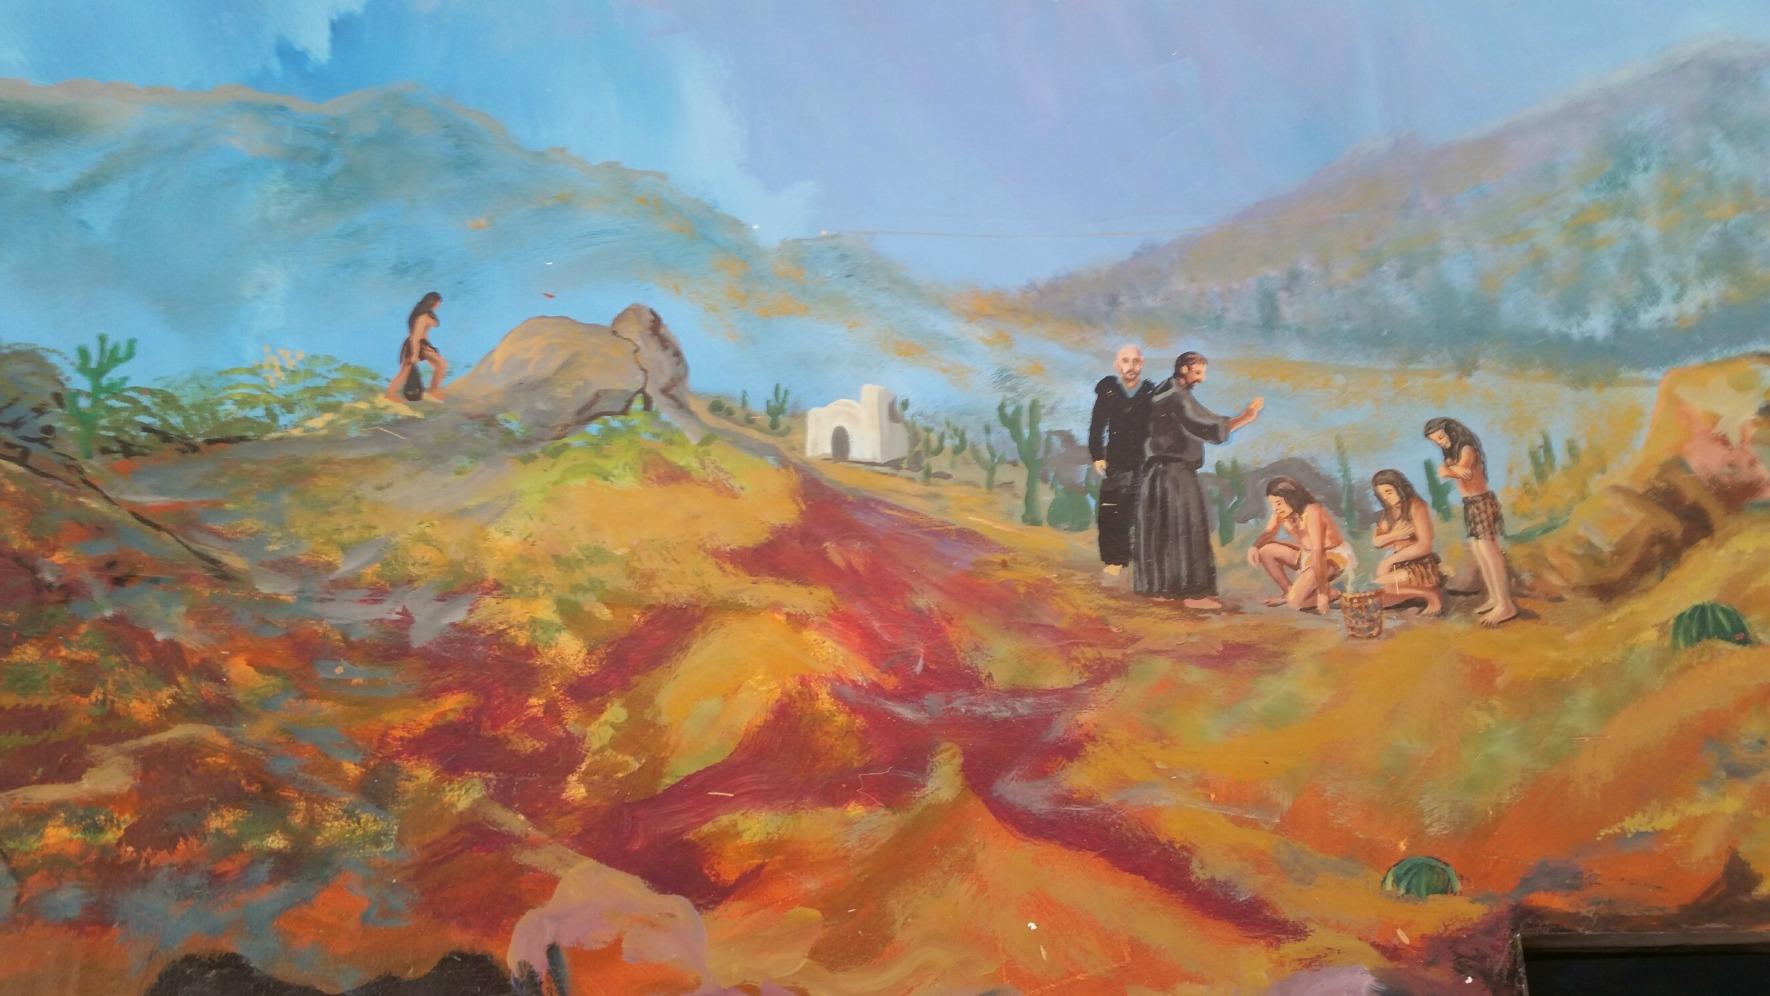 Jesuits converting the Pericu mural